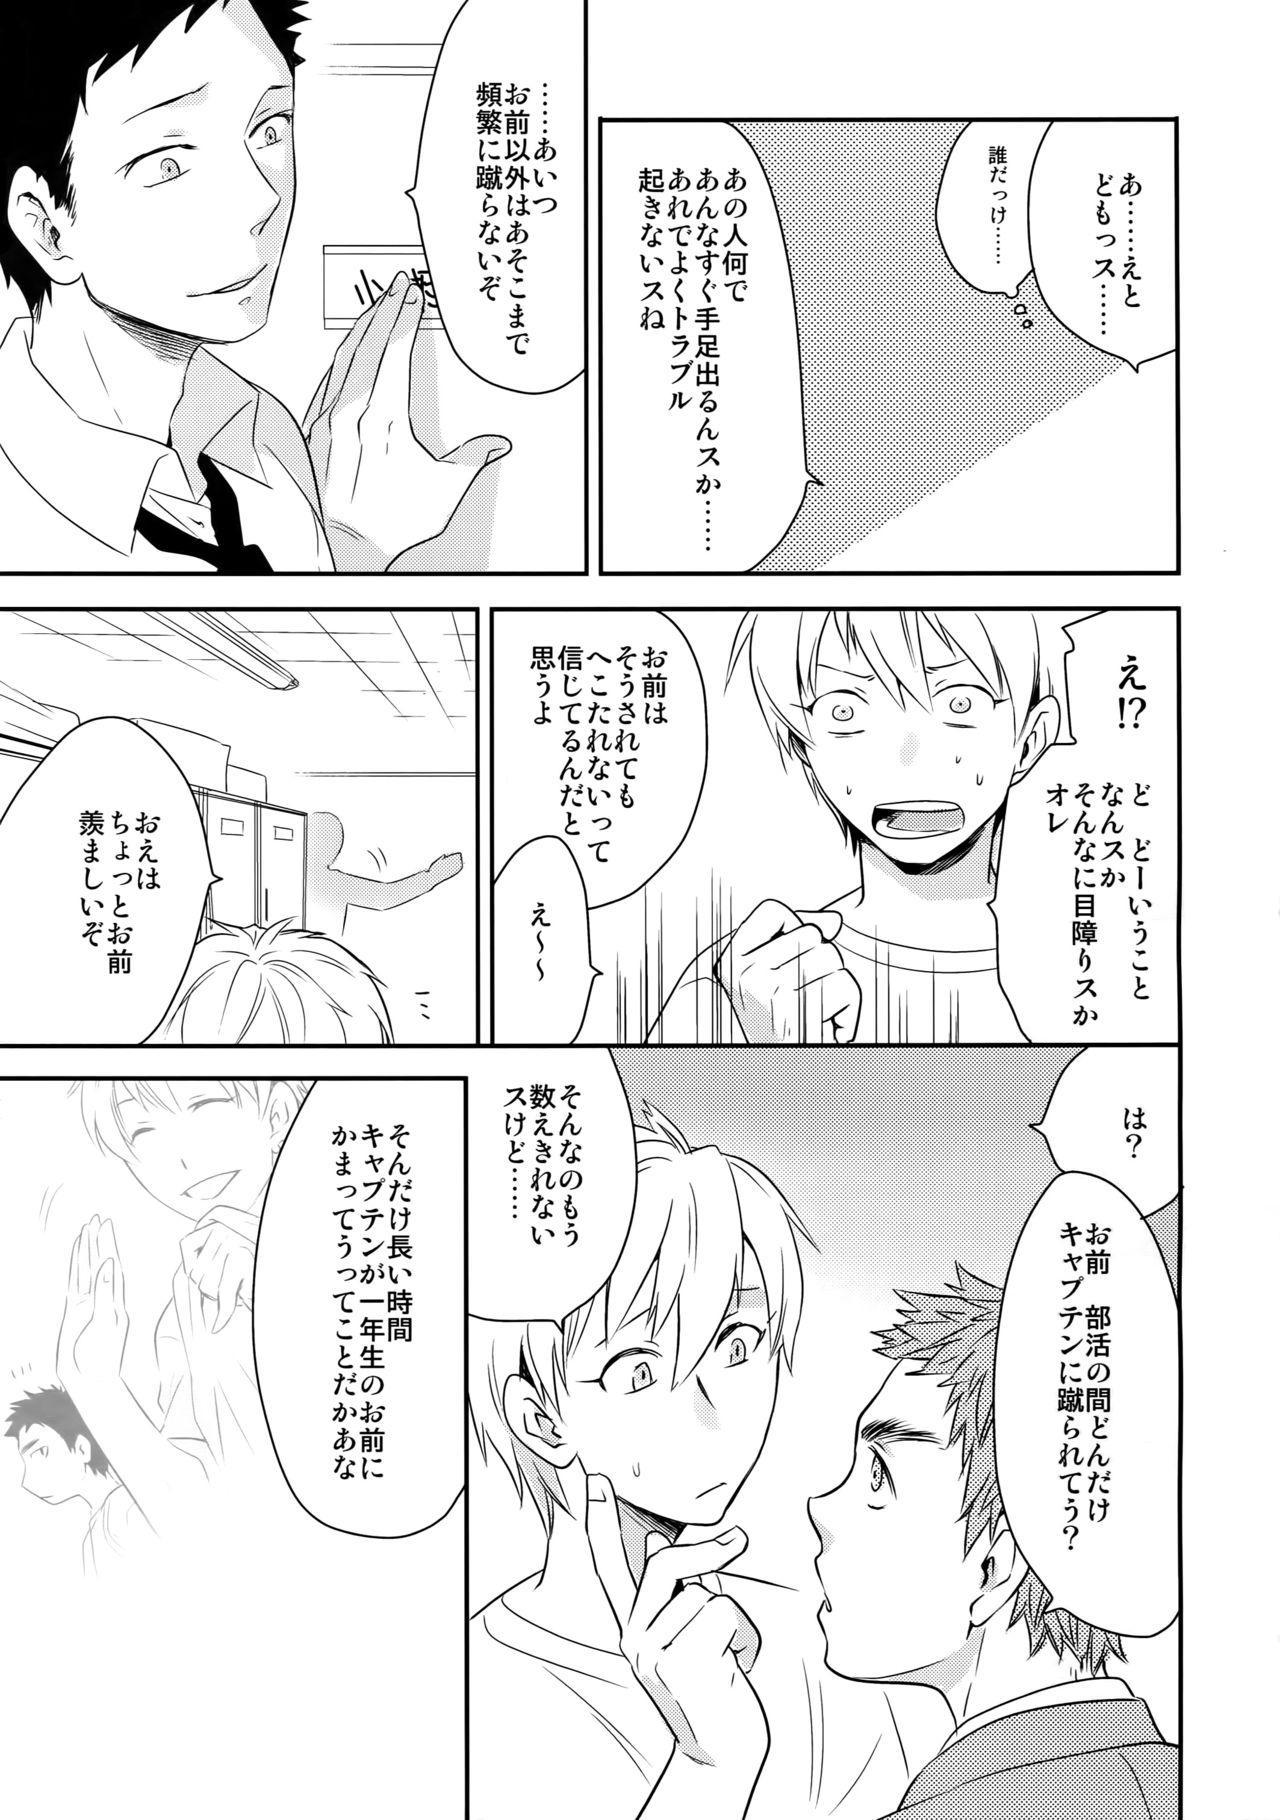 [Bakuchi Jinsei SP (Satsuki Fumi)] Kanpeki Kareshi to Zettai Ryouiki Ouji-sama - Another Version - (Kuroko no Basket) 13